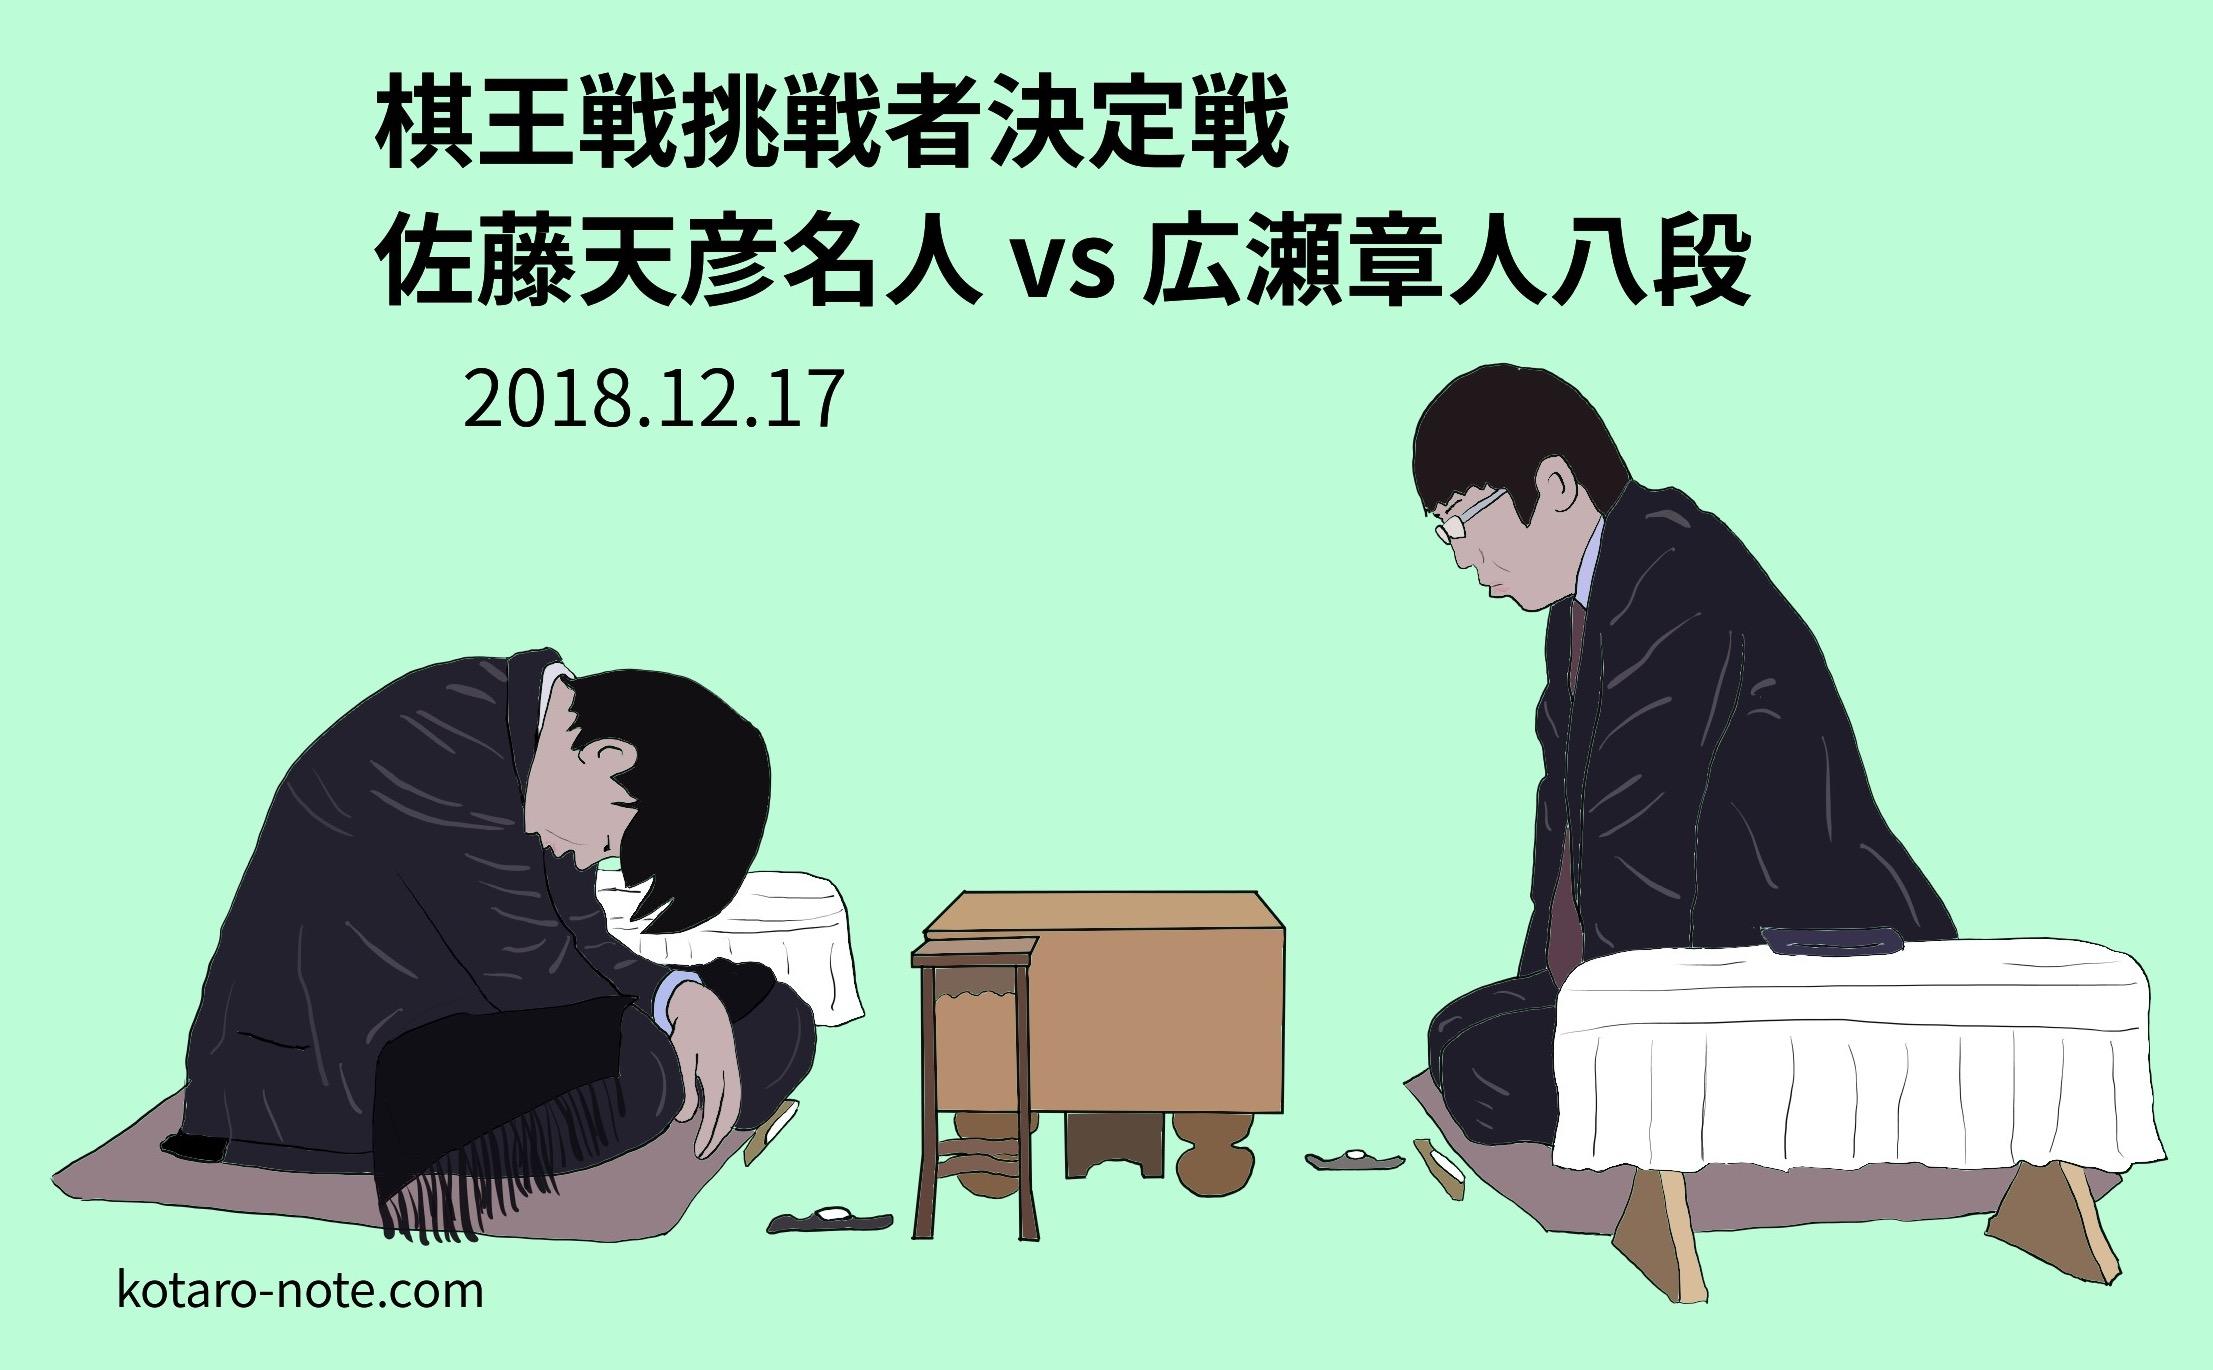 佐藤天彦名人vs広瀬章人八段、棋王戦挑戦者決定戦